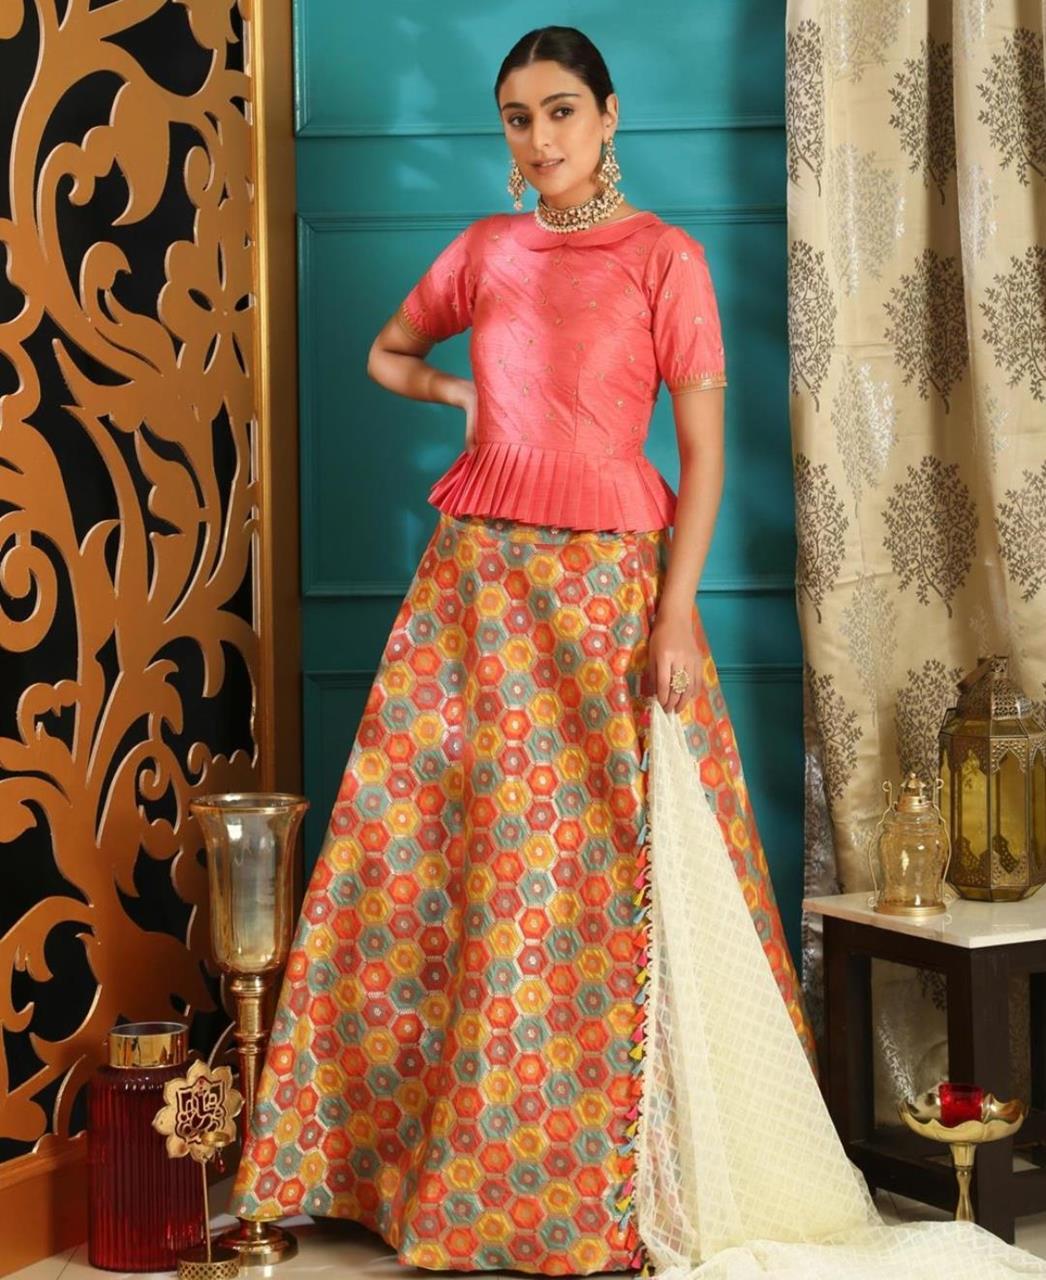 Embroidered Jacquard Pink Circular Lehenga Choli Ghagra